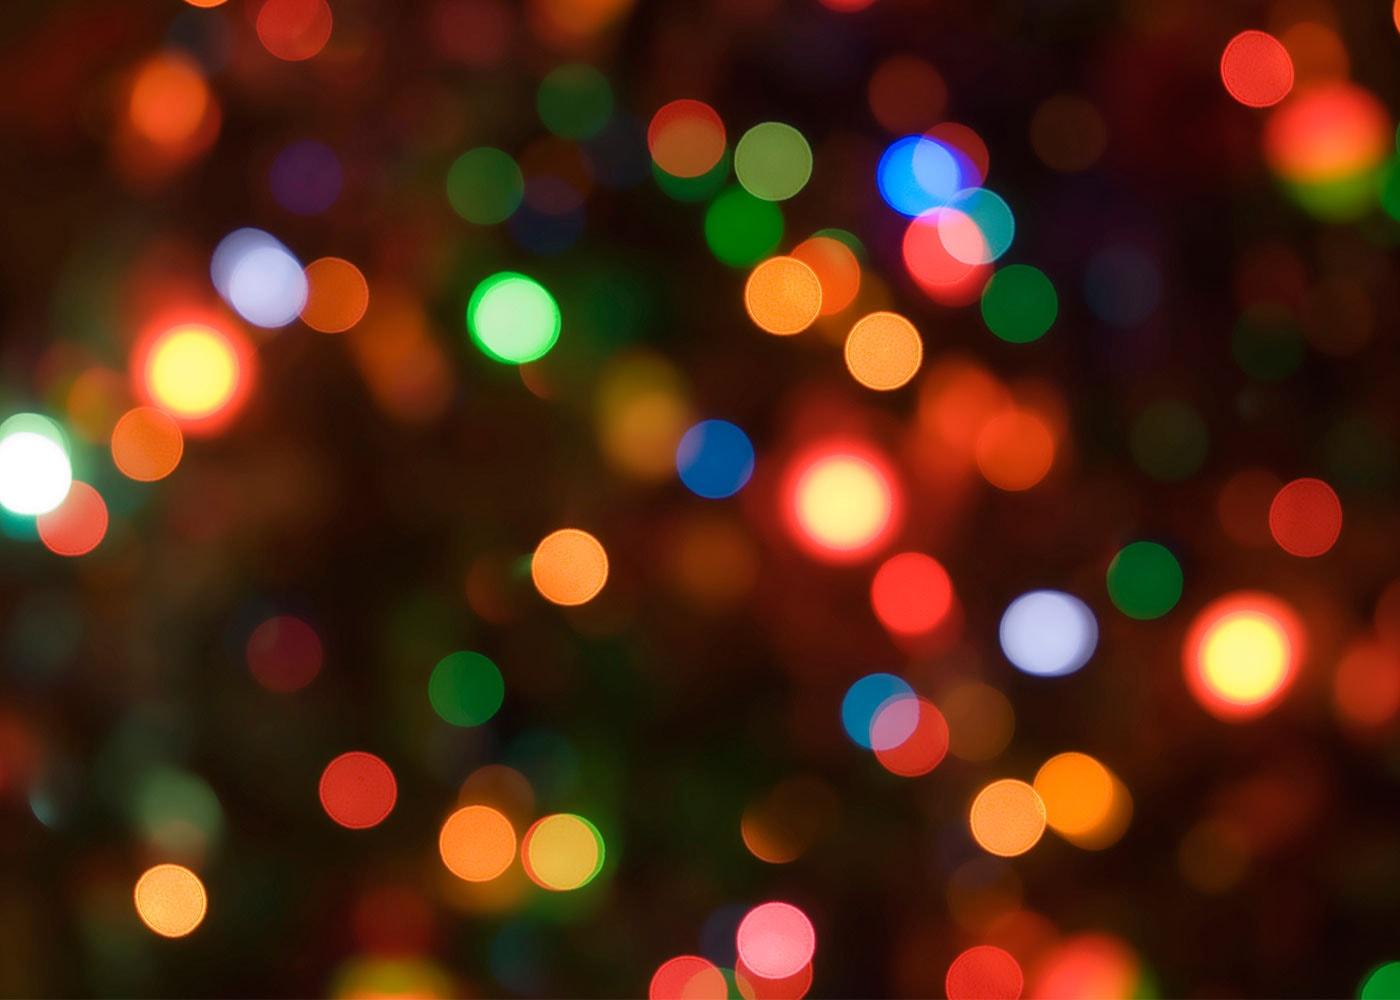 Weihnachtsbeleuchtung kreativ fotografieren